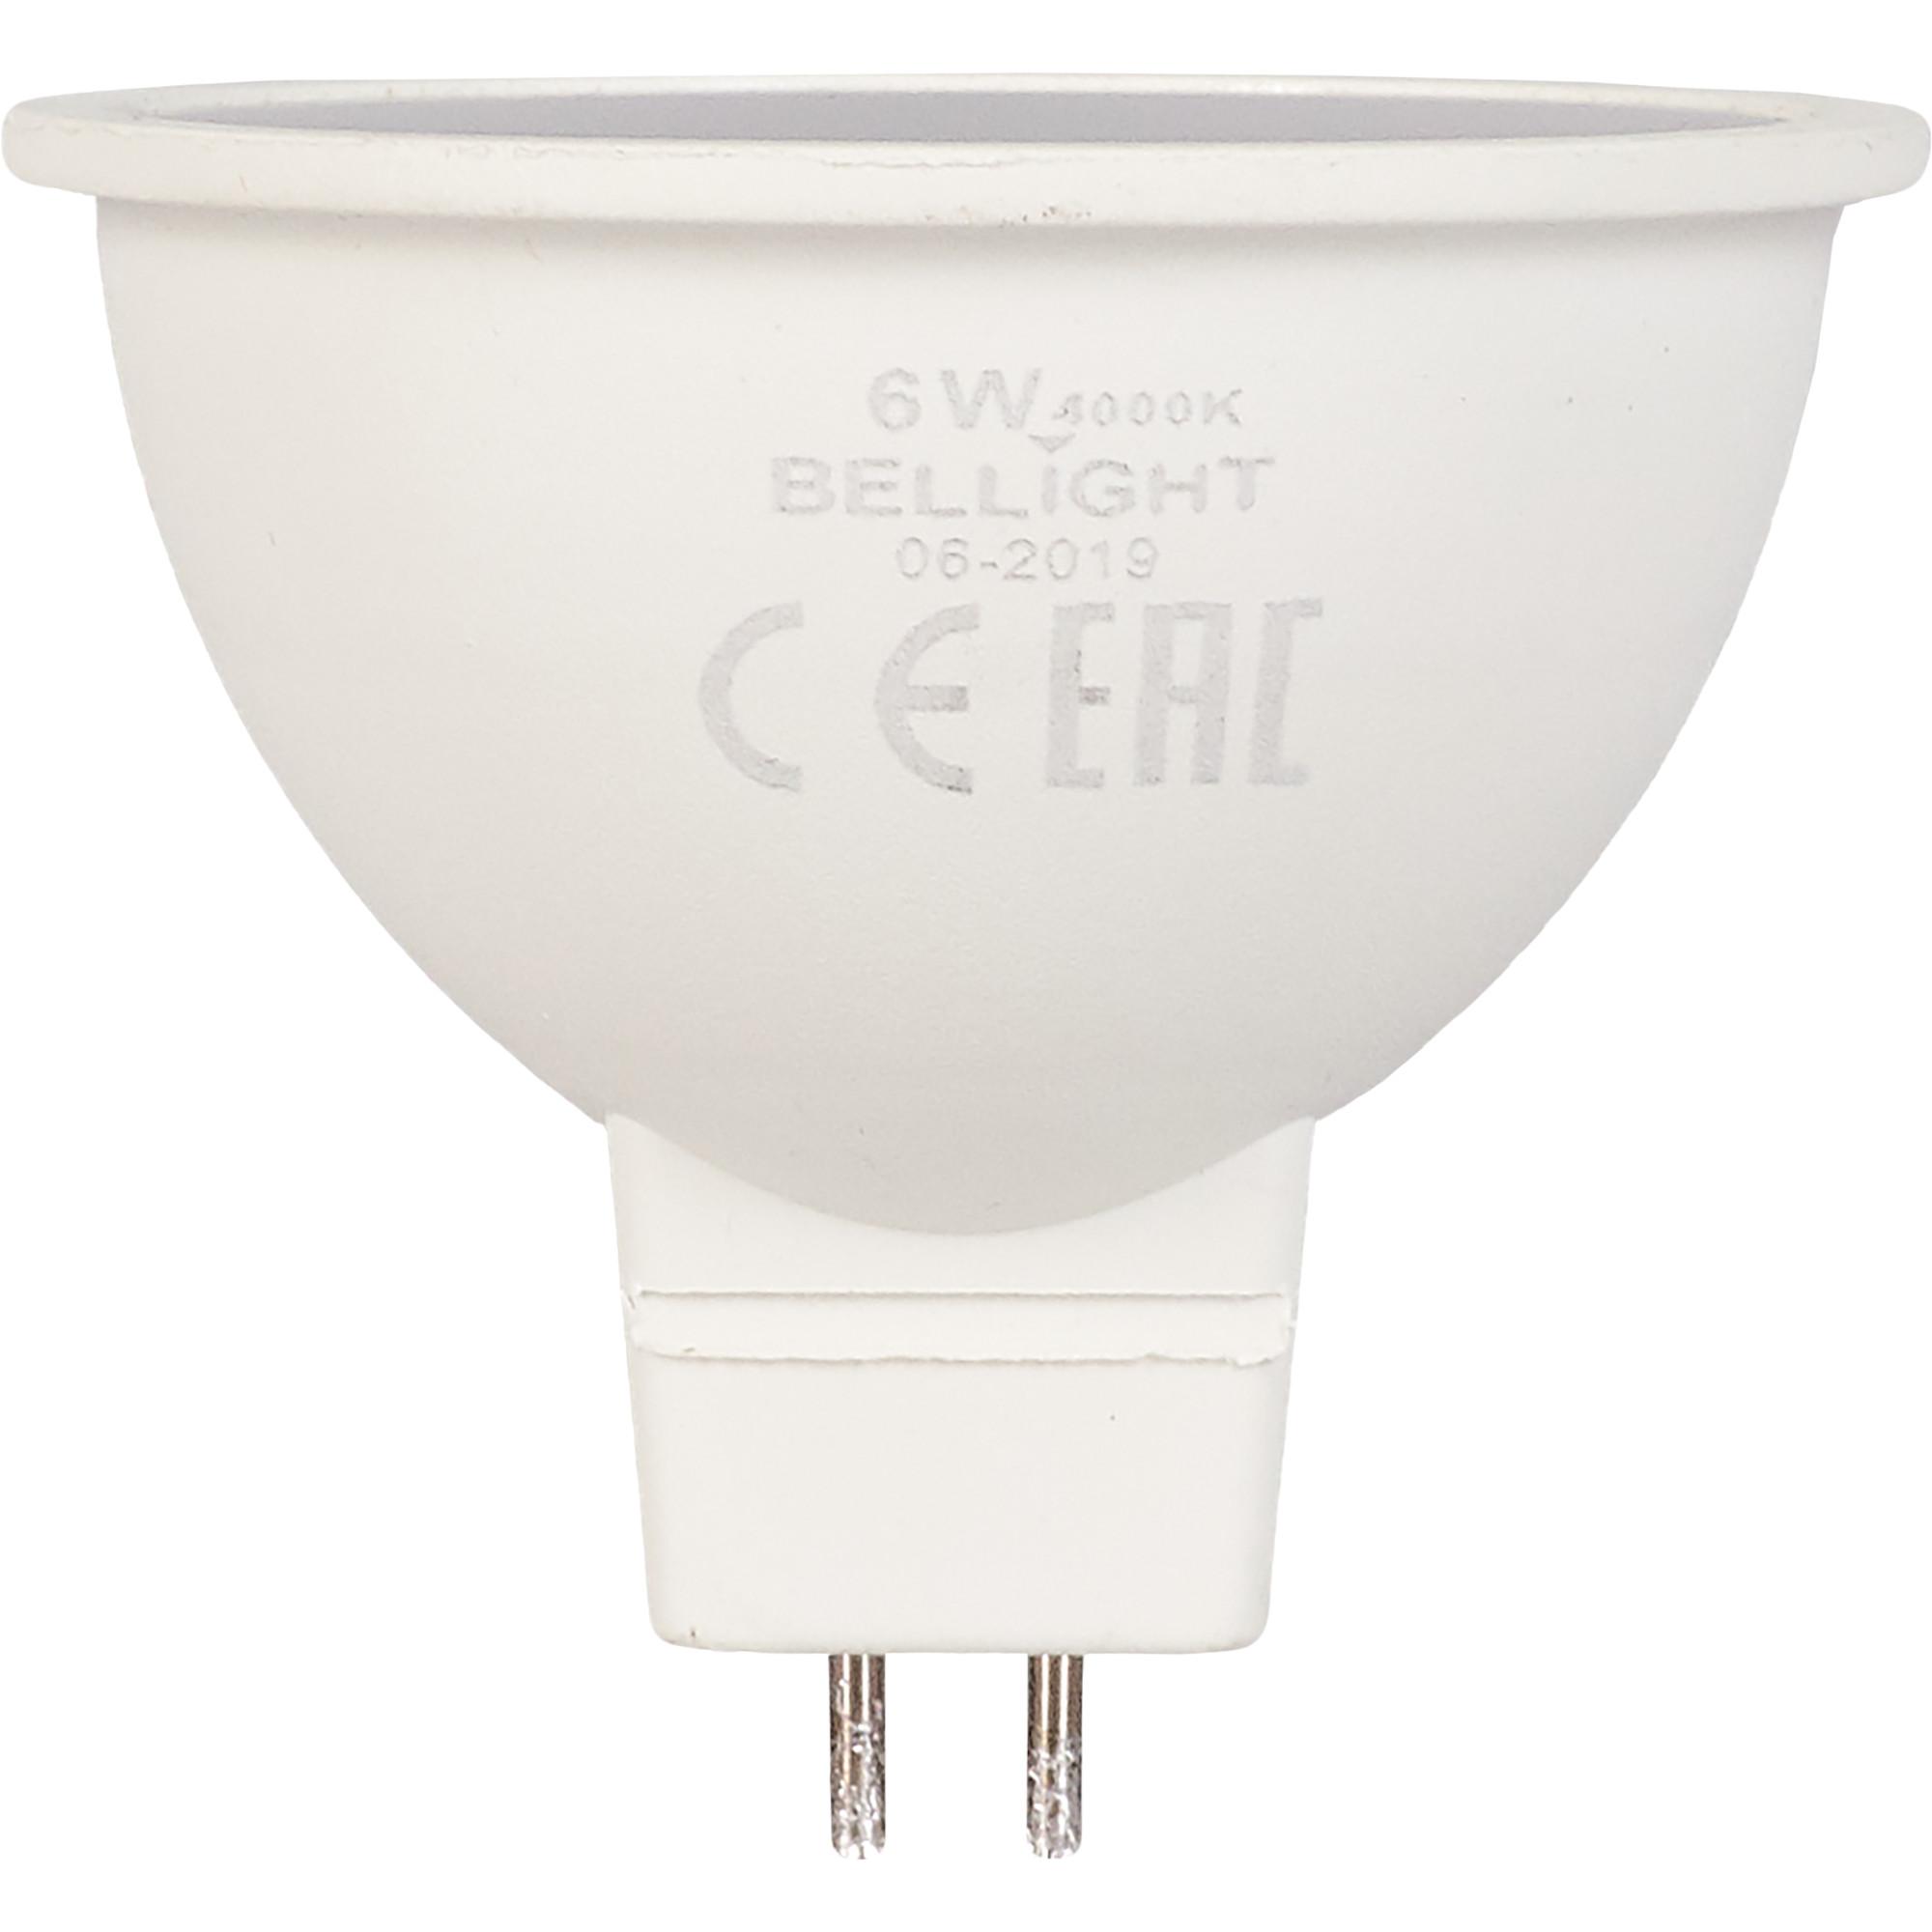 Лампа светодиодная Bellight GU5.3 220-240 В 6 Вт 420 лм белый свет